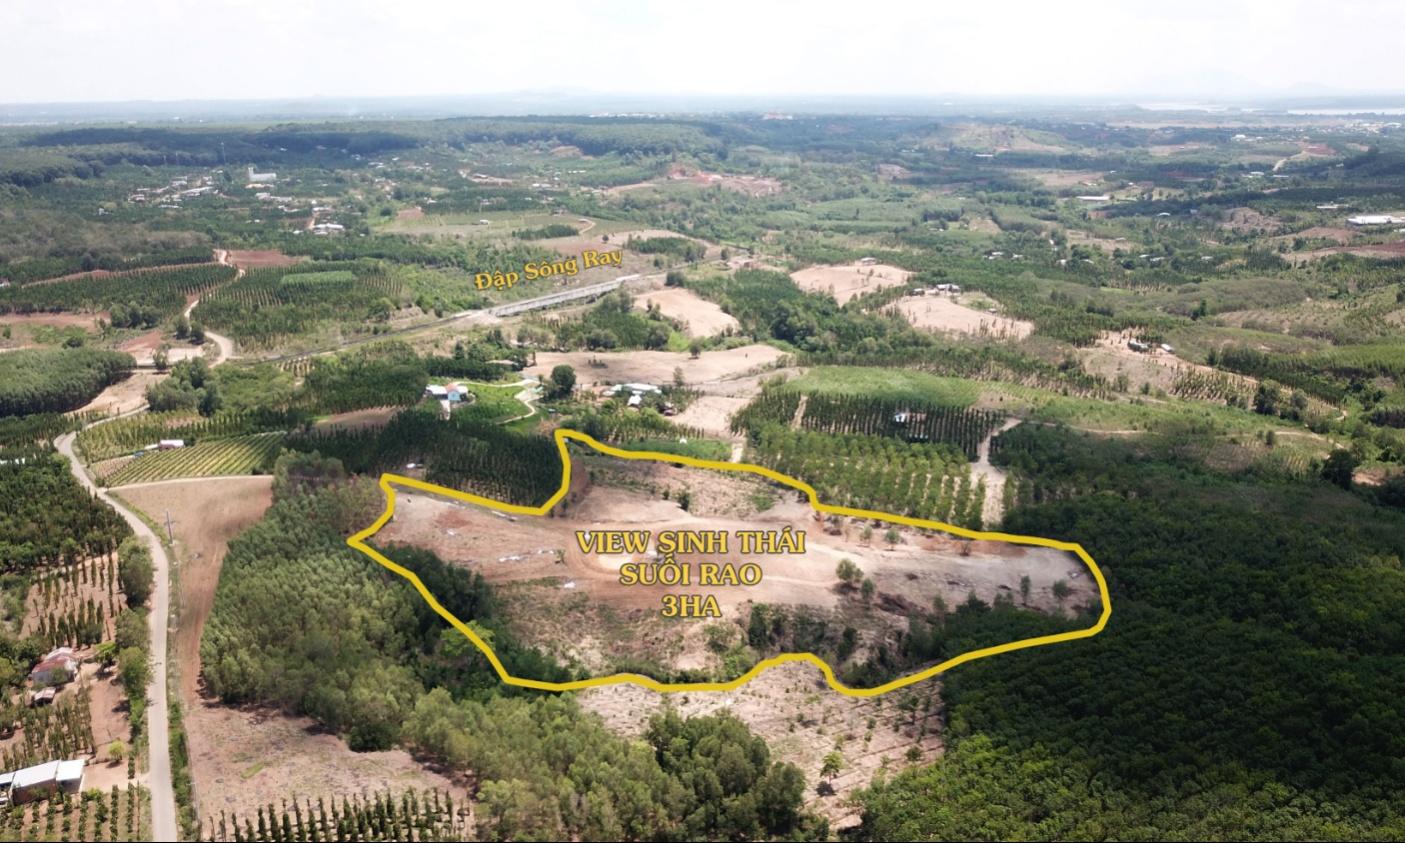 Lô đất sinh thái nghỉ dưỡng 3ha tại xã Suối Rao, huyện Châu Đức, tỉnh Bà Rịa ...